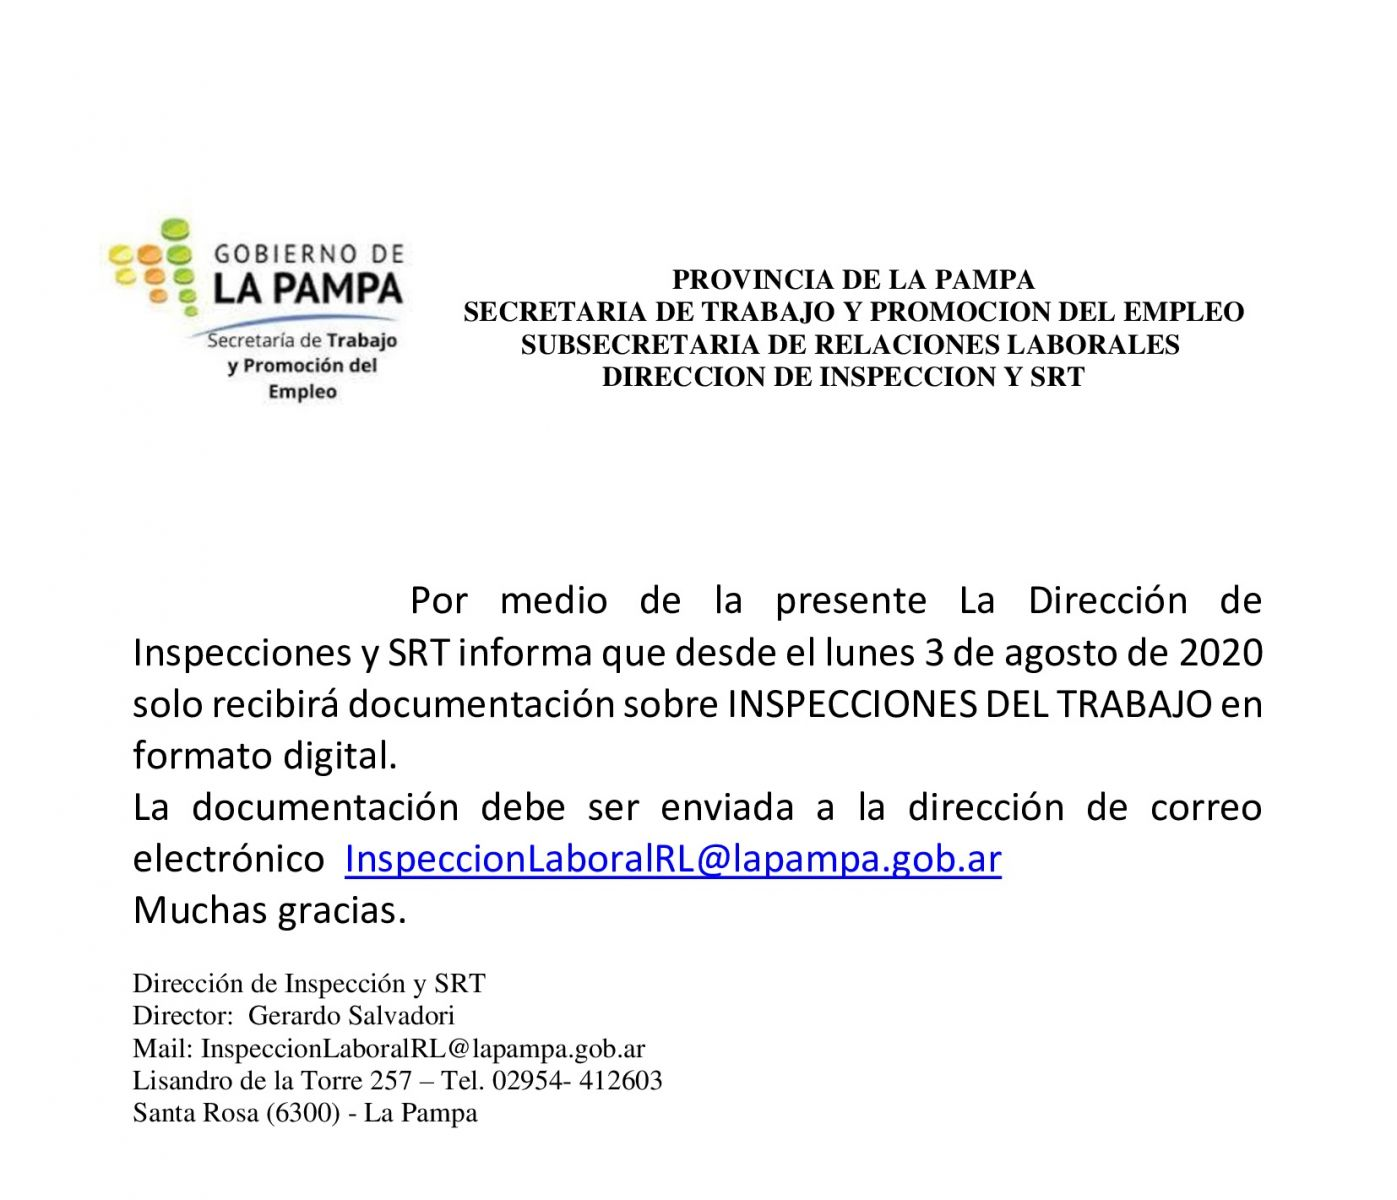 Información de la Dirección de Inspecciones y SRT